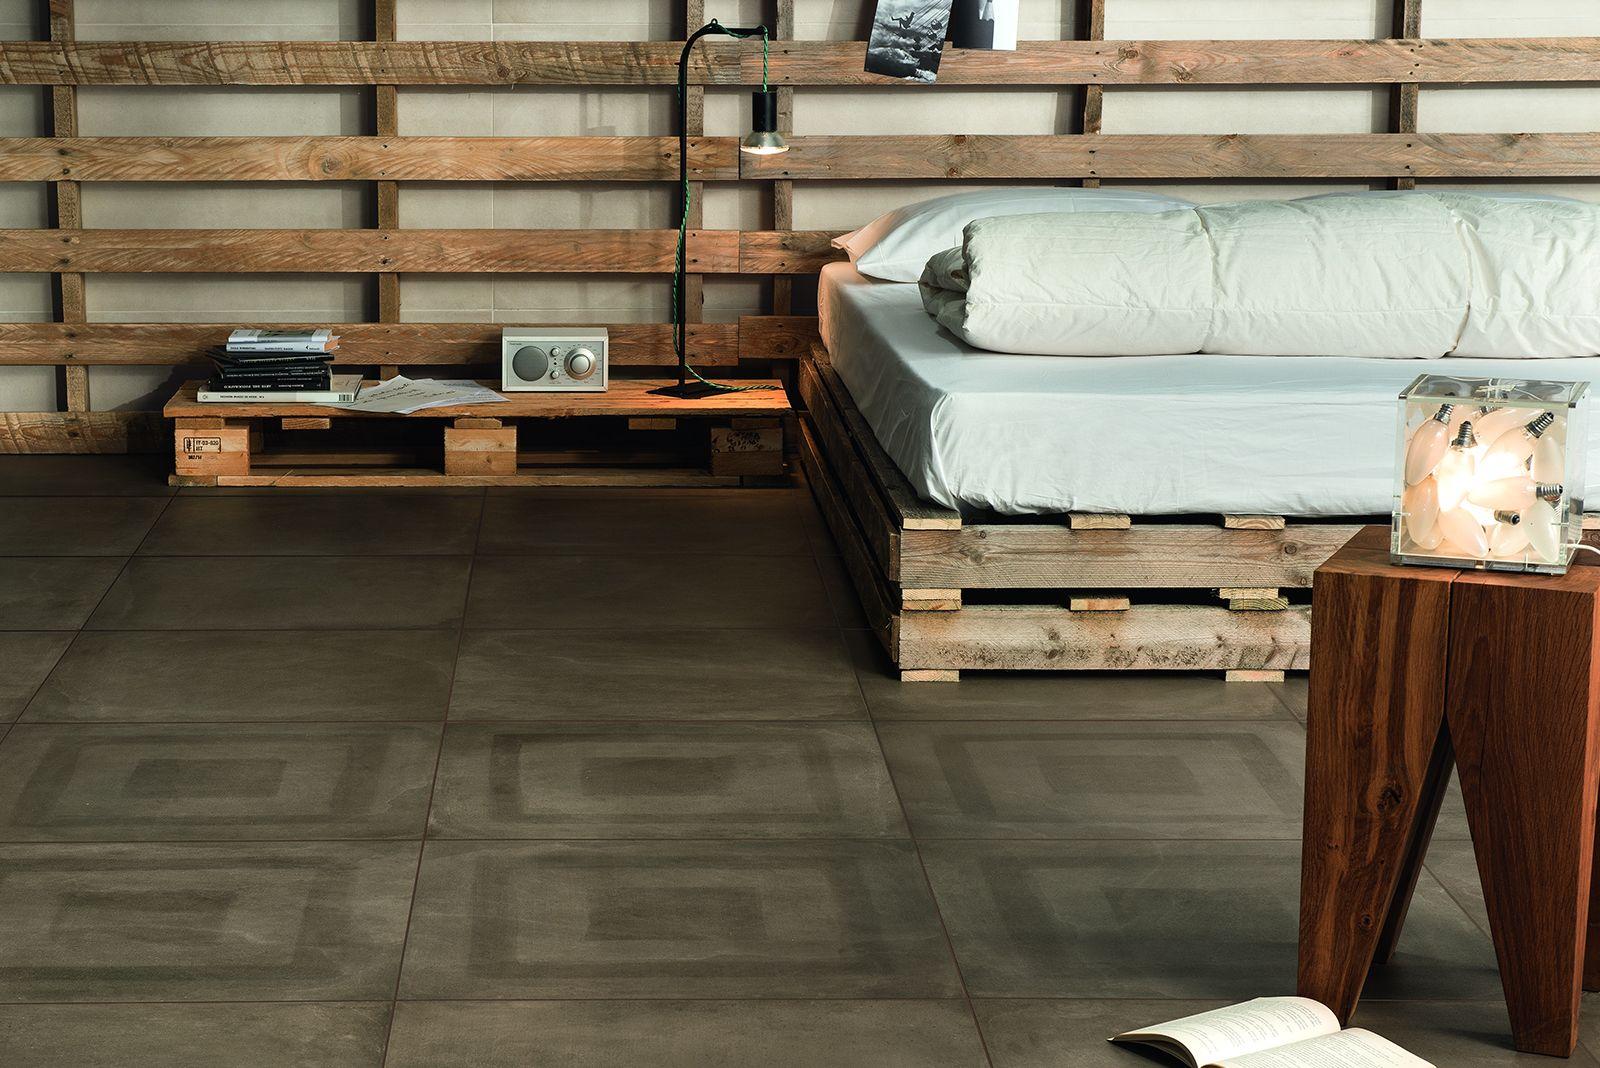 fliesen david beratung gestaltung barrierefrei verlegung von fliesen feinsteinzeug und. Black Bedroom Furniture Sets. Home Design Ideas